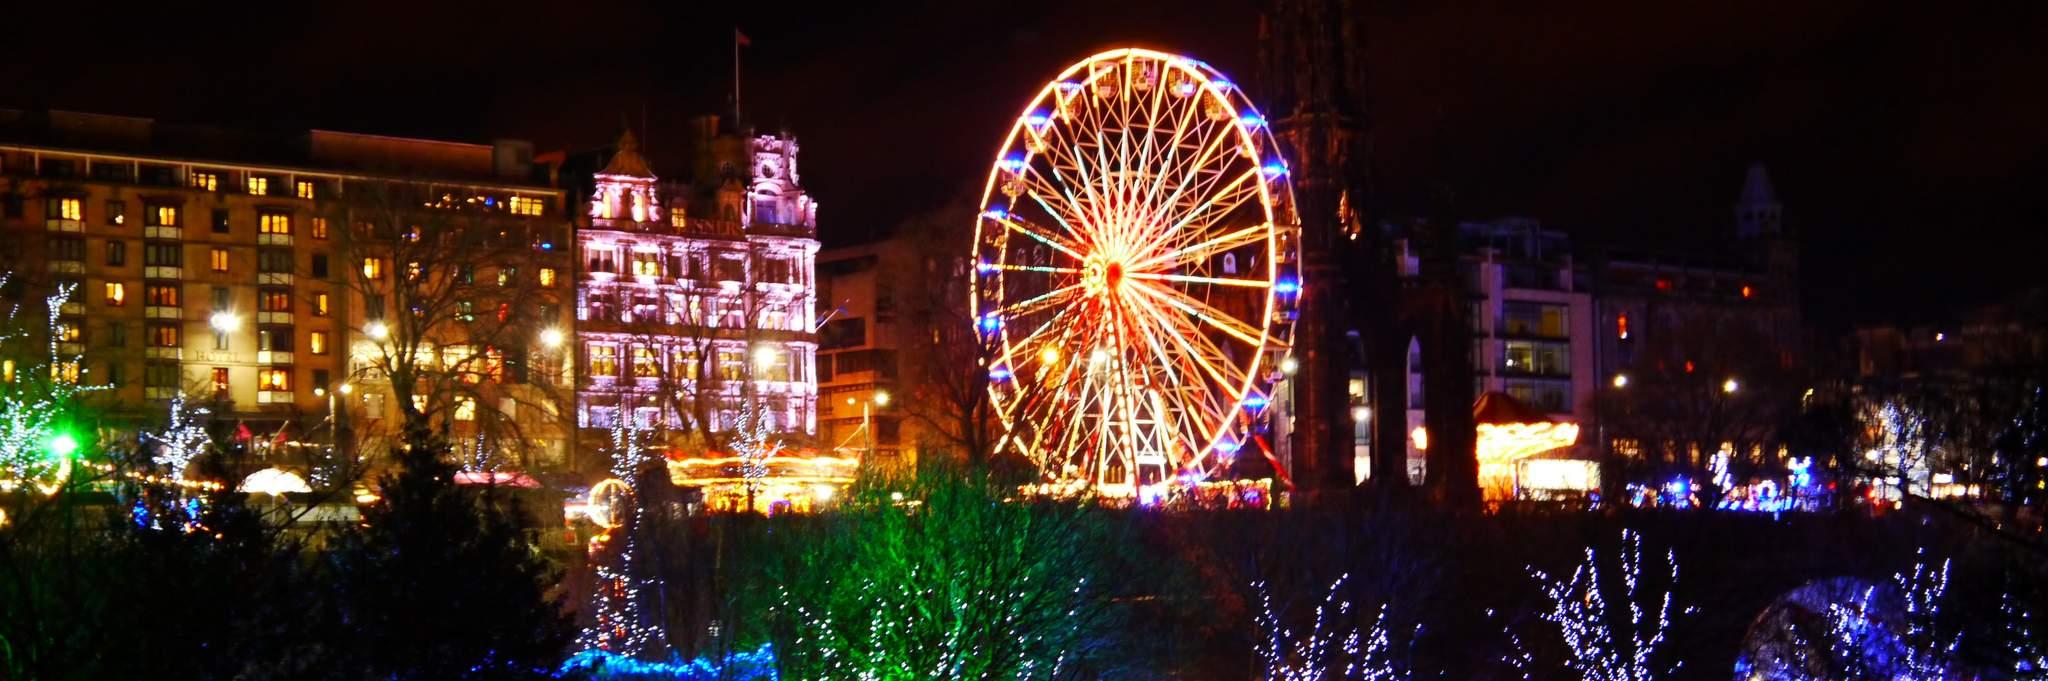 december 2019 events in scotland  scotland u0026 39 s best b u0026bs